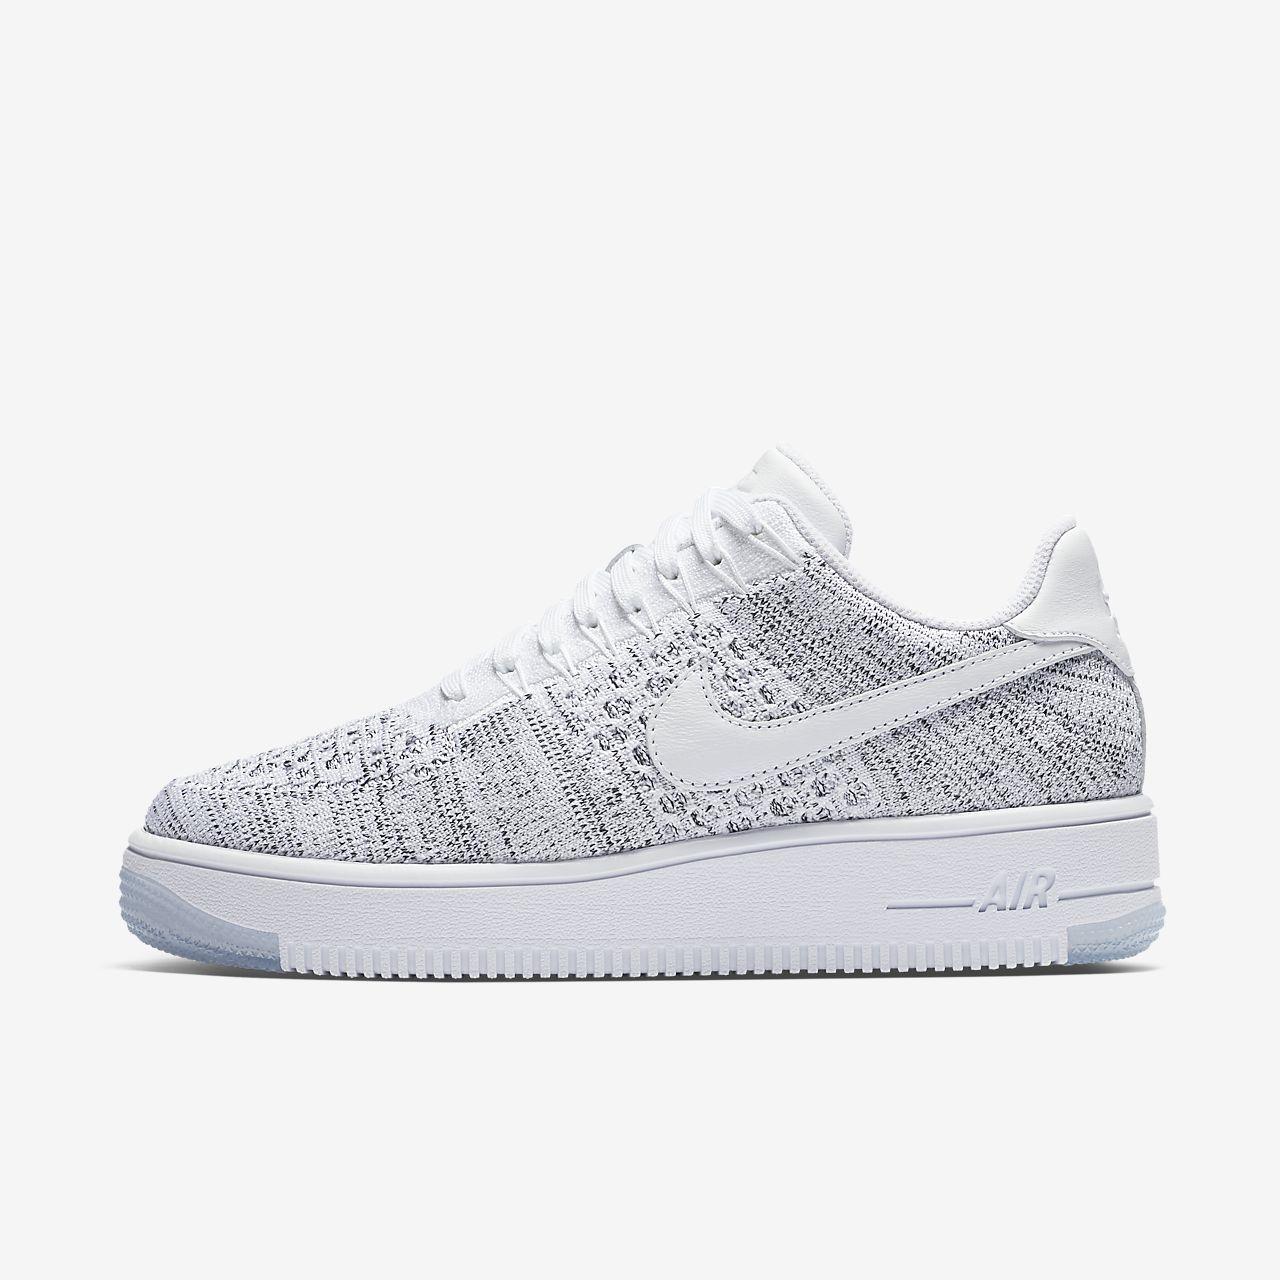 Everyn W - Chaussures - Bas-tops Et Baskets Adidas WynnCvf0